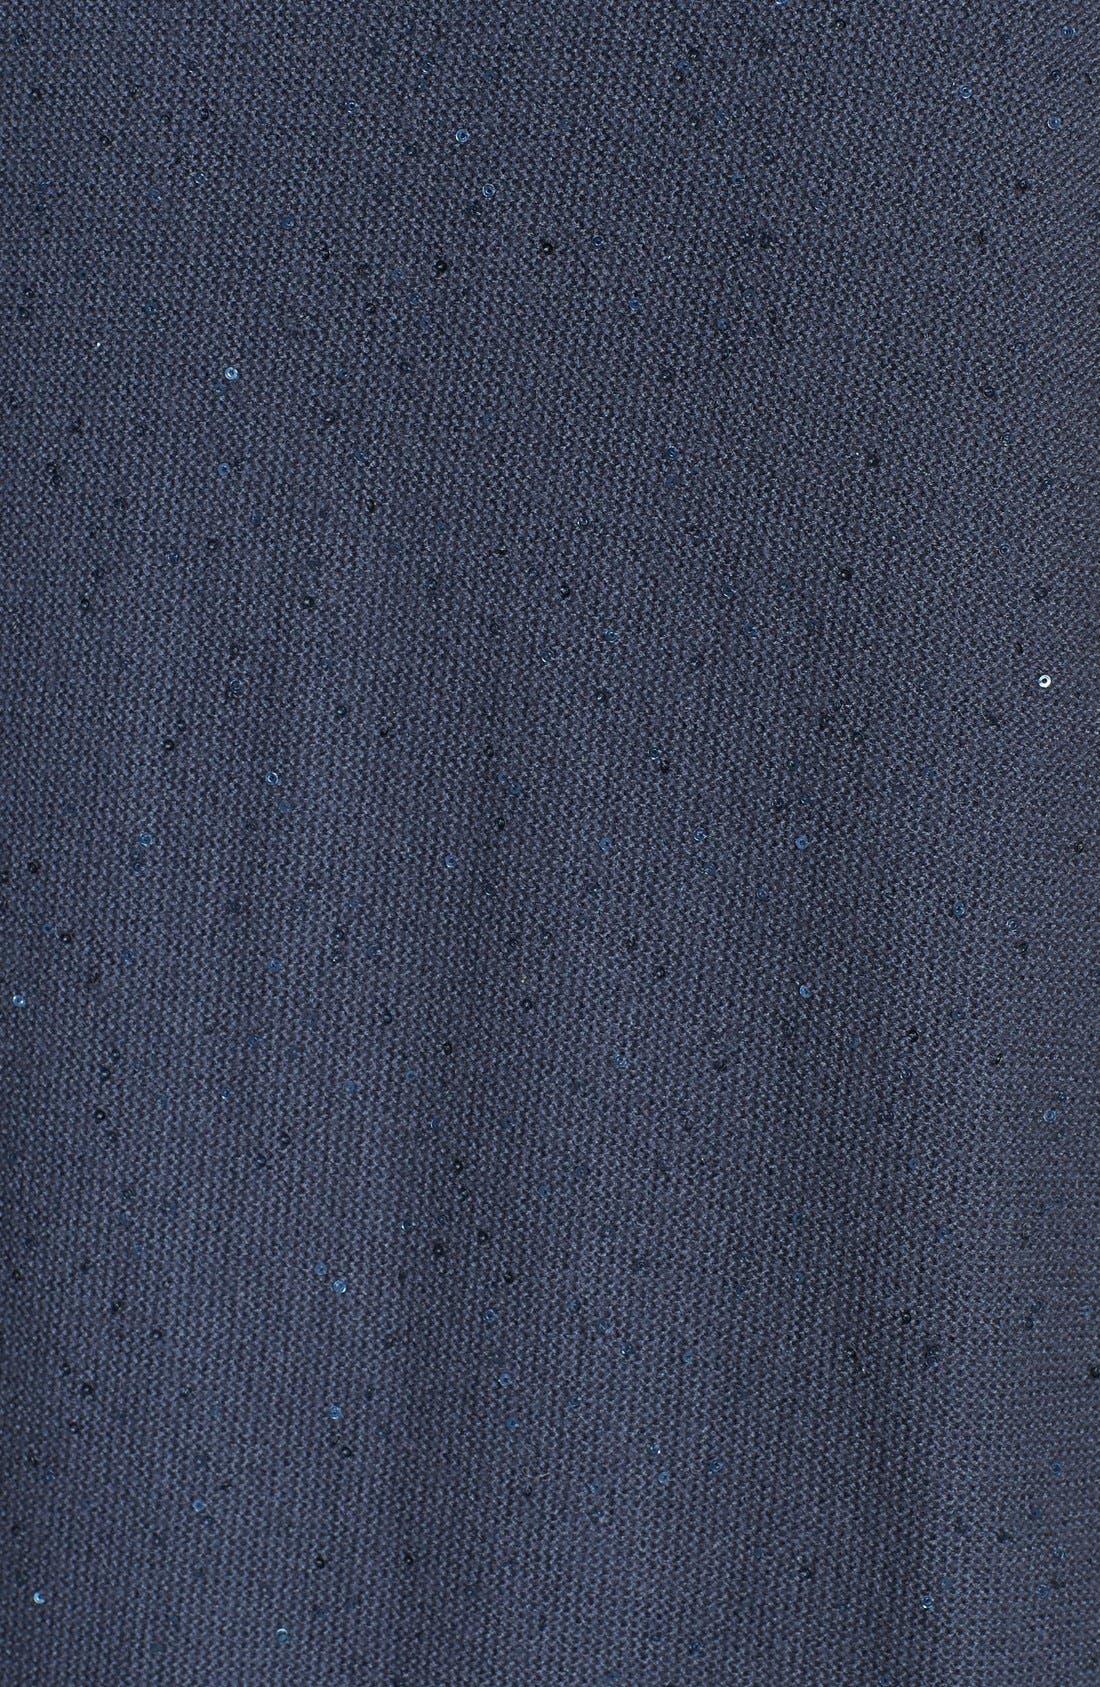 Alternate Image 3  - Fabiana Filippi Embellished Knit Overlay Satin Dress